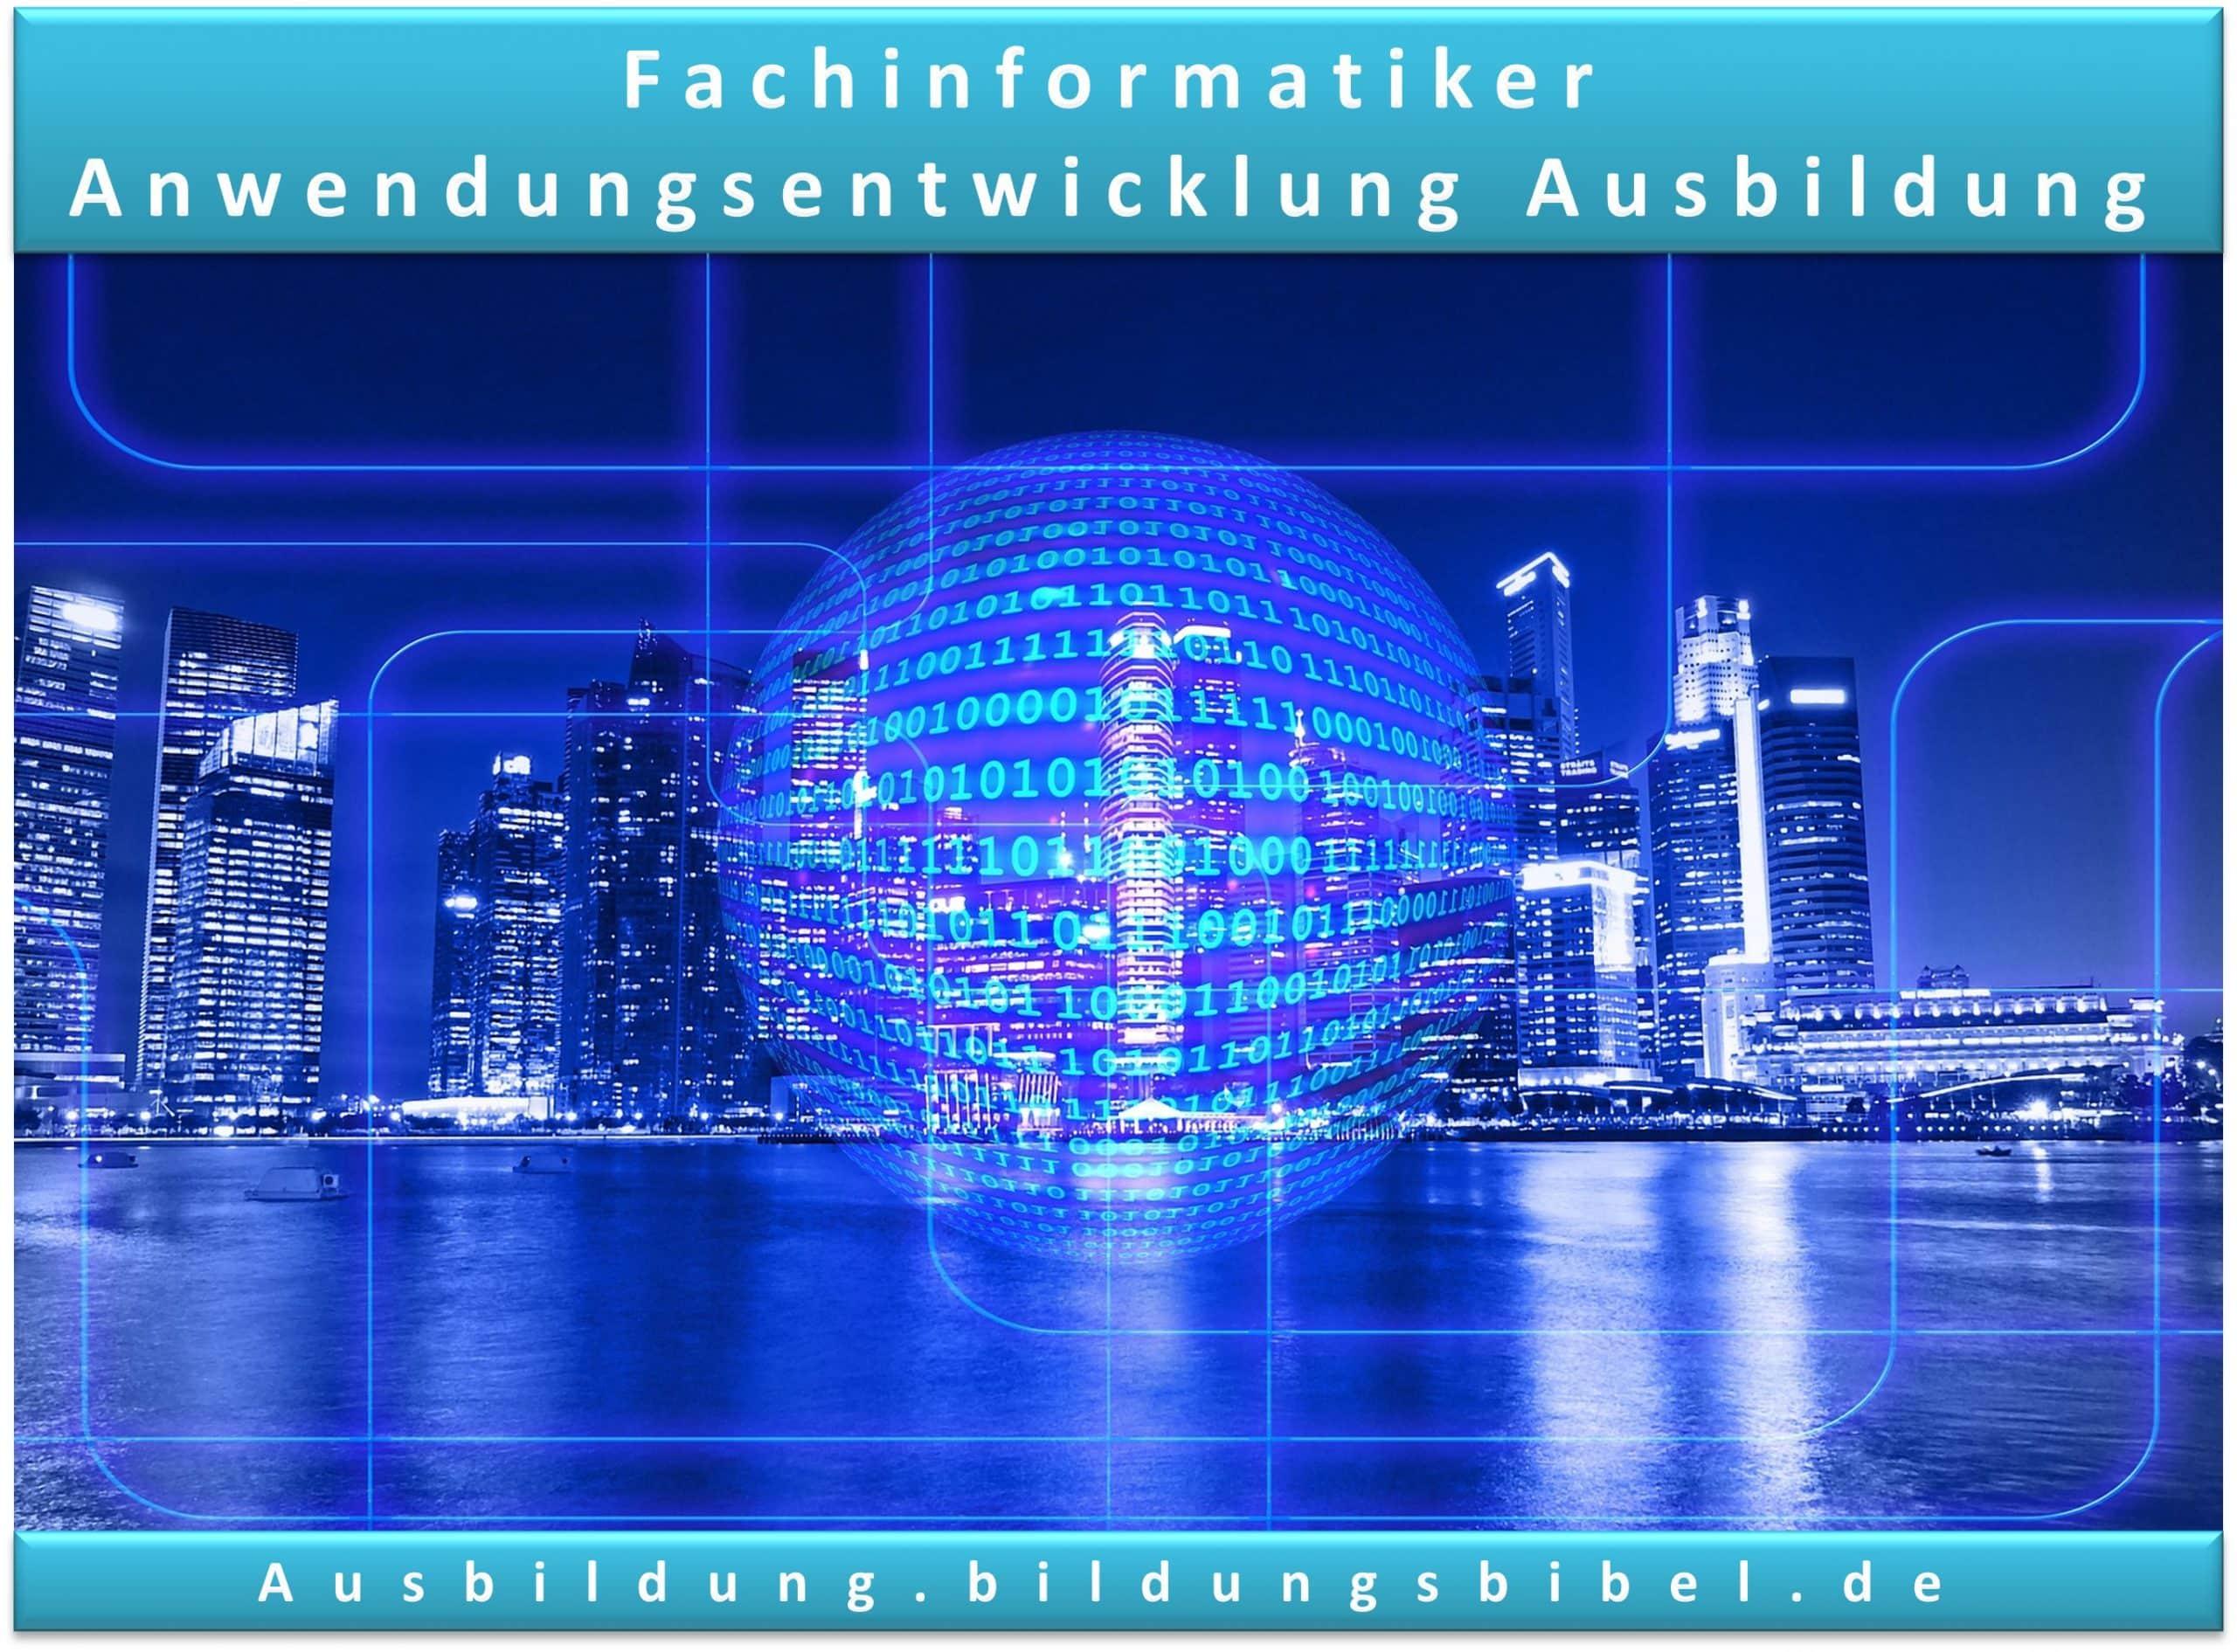 Ausbildung Fachinformatiker Anwendungsentwicklung, Info zu Voraussetzungen, Dauer, Inhalt, Gehalt, Zukunft, Stärken, Webseiten und Videos.